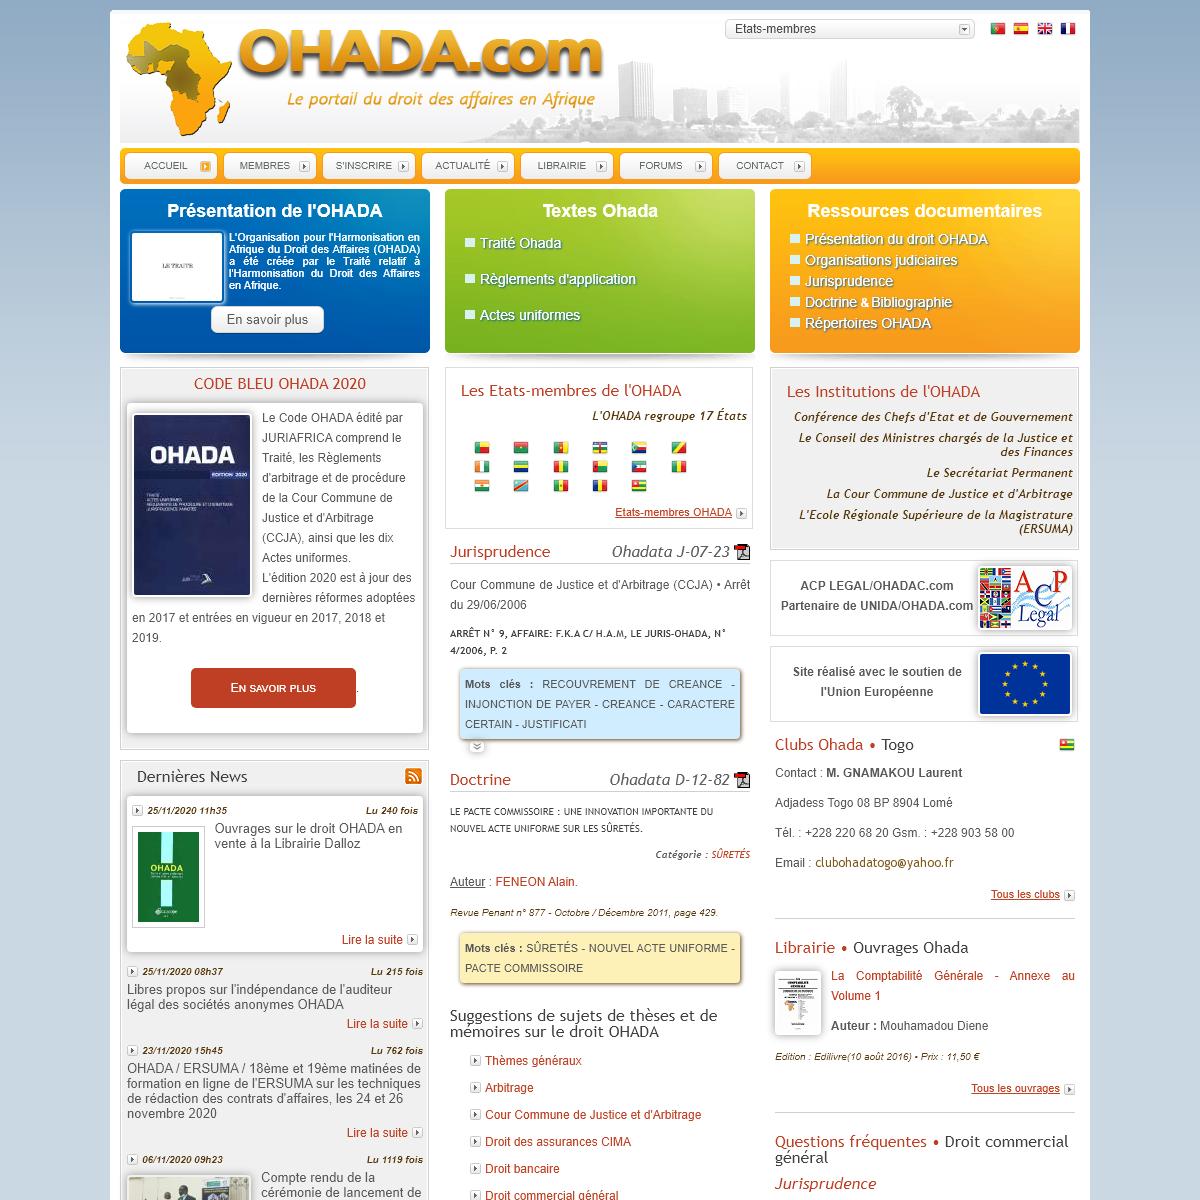 OHADA.com • Le portail du droit des affaires en Afrique